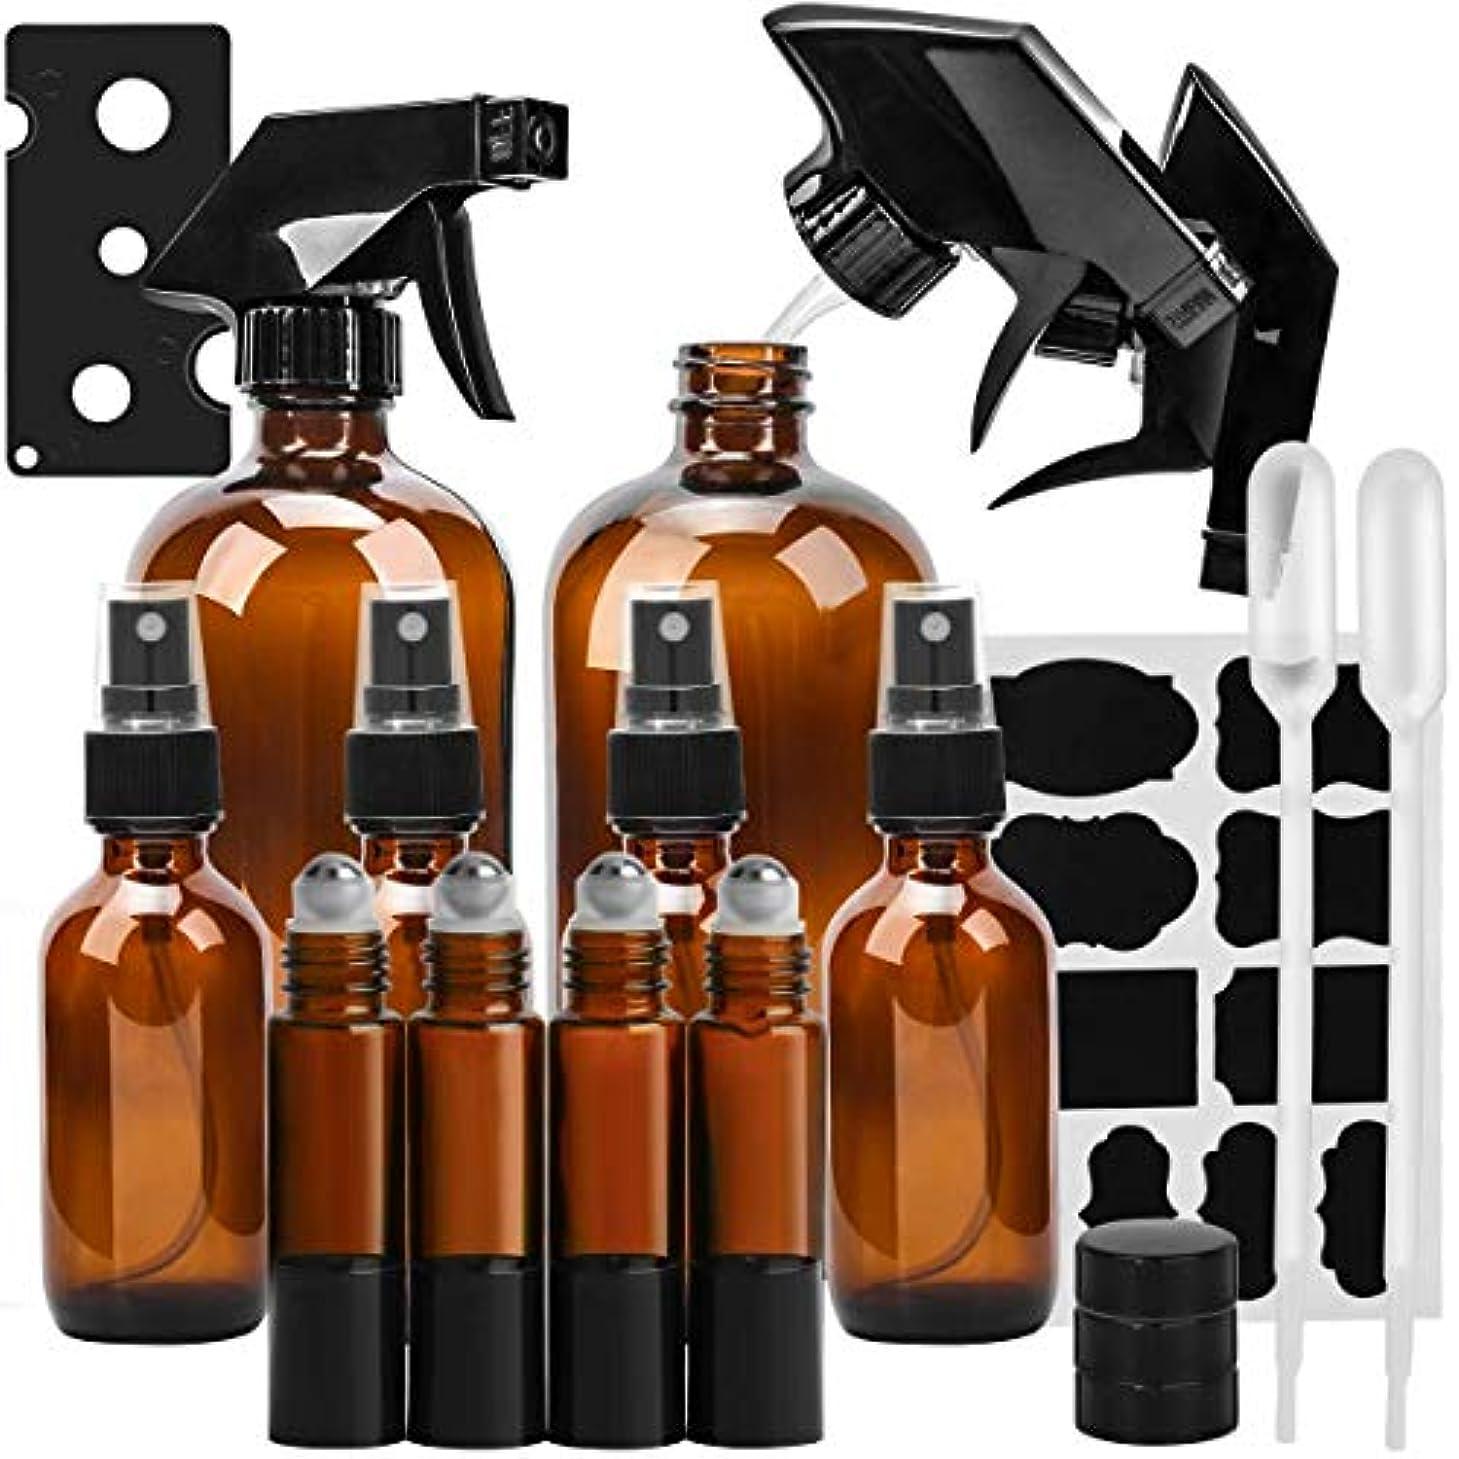 びっくりした倉庫みすぼらしいKAMOTA 16オンス×2 2オンス×4 10ミリリットルローラーボトル×4 - 製品やアロマテラピーを清掃エッセンシャルオイル 用 詰め替え容器 セットガラススプレーボトルアンバーガラススプレーボトル アンバー-2